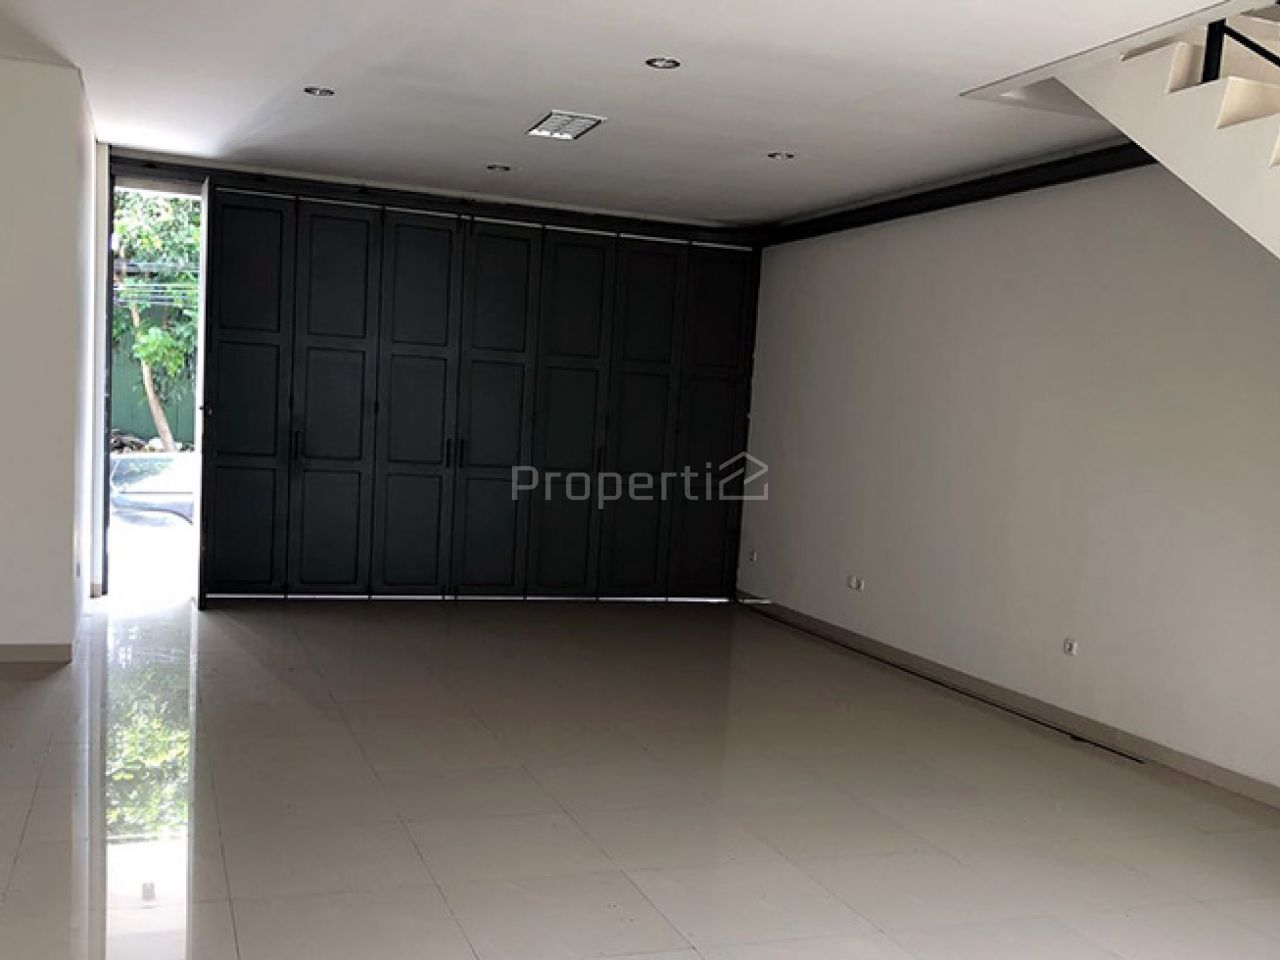 Ruko Baru di Jl. Sukahaji, Sukasari, Kota Bandung, Jawa Barat